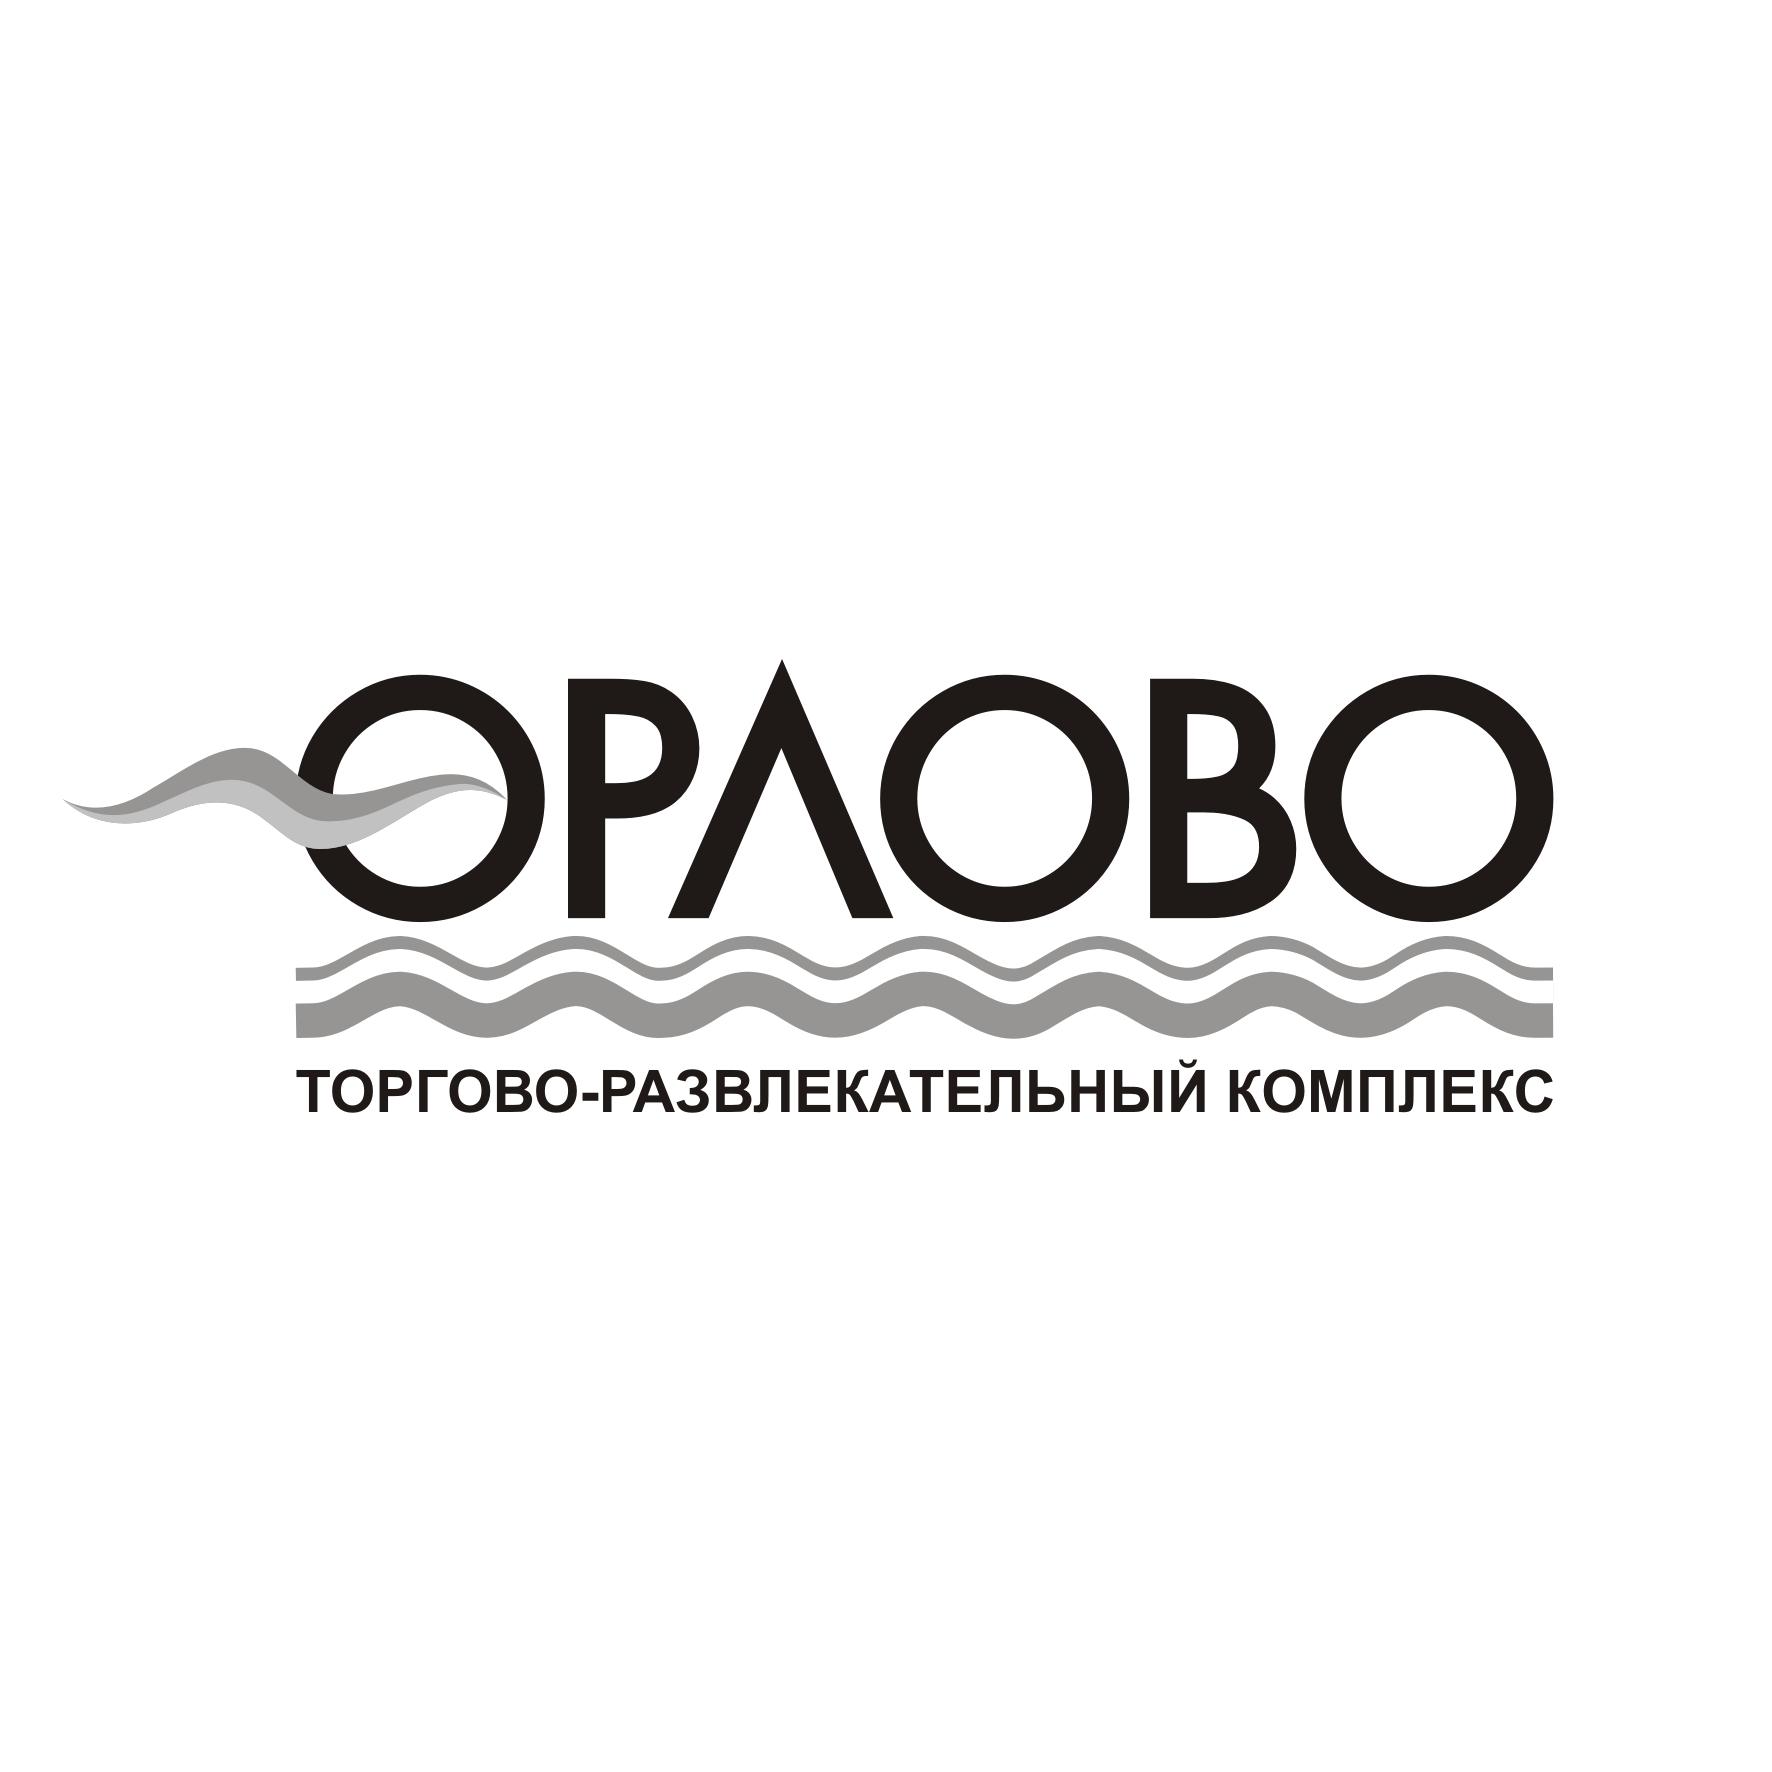 Разработка логотипа для Торгово-развлекательного комплекса фото f_108596684f18621f.jpg